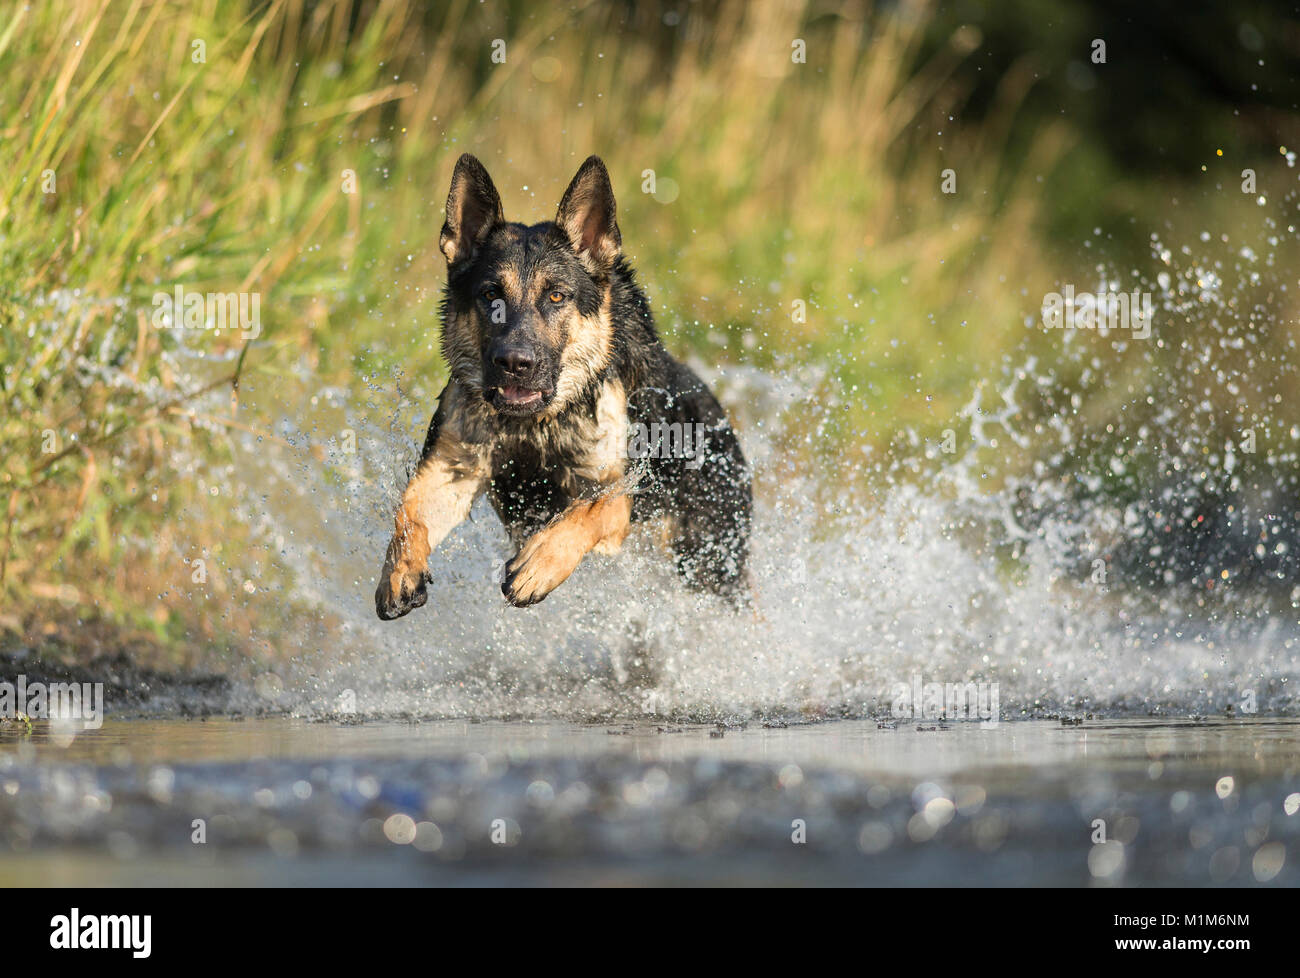 German Shepherd, Alsatian. Adult running in shallow water. Germany - Stock Image